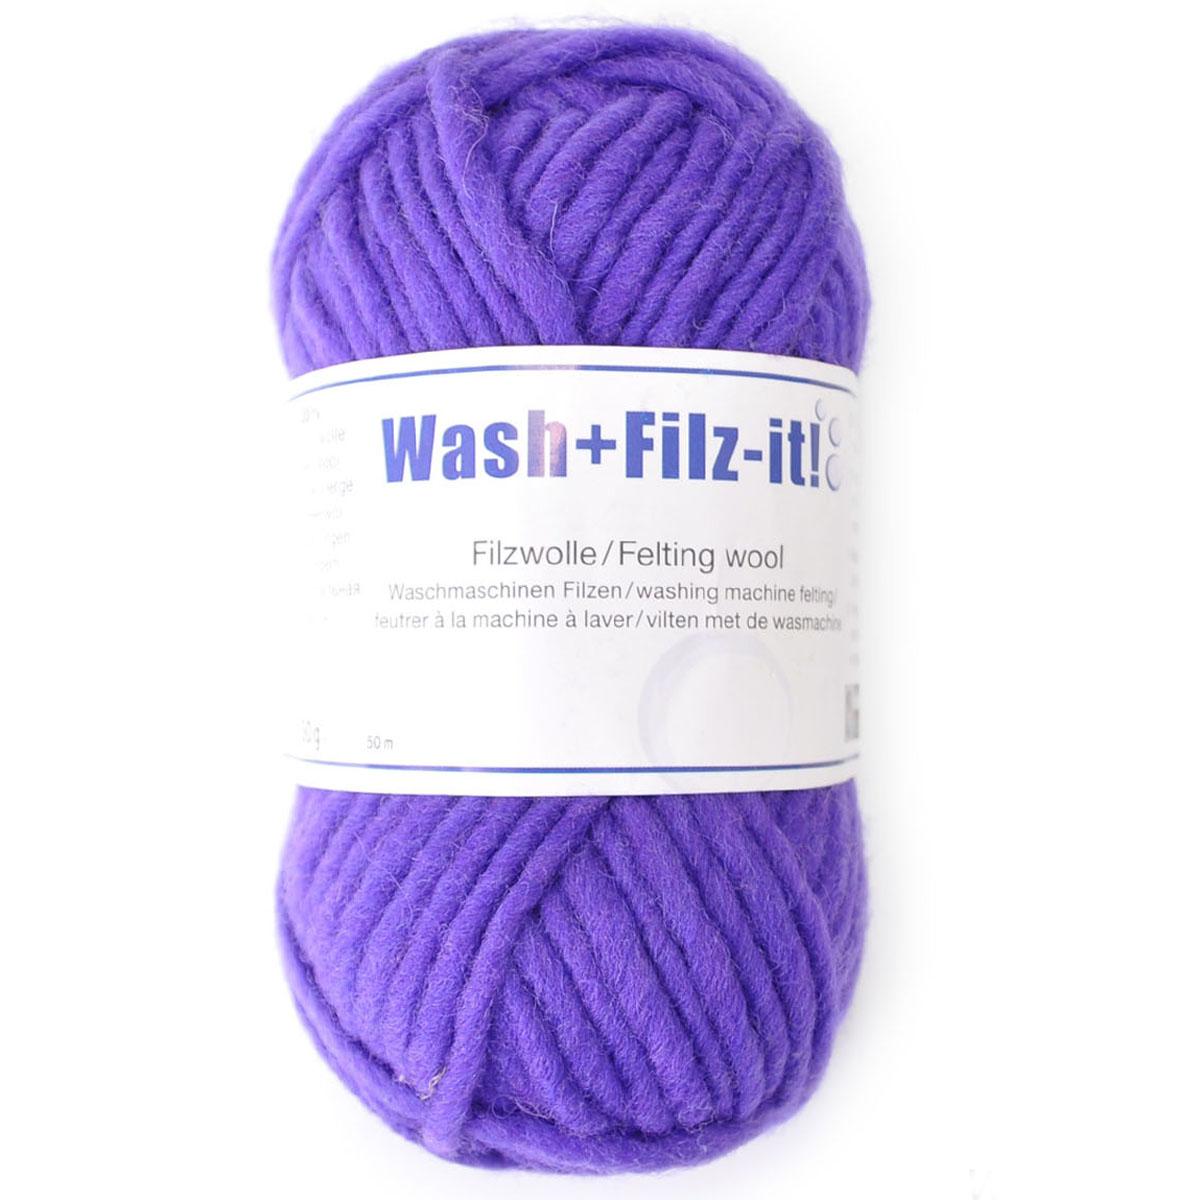 Пряжа для сваливания в стиральной машине Wash+Filz-it, цвет: violet (фиолетовый) (00018), 50 м, 50 г9812942-00018Специальная пряжа Wash+Filz-it, выполненная из натуральной шерсти, предназначена для вязания на спицах и дальнейшего сваливания в стиральной машине. Придайте вашим идеям форму! С этой пряжей очень легко работать - свяжите и выстирайте в стиральной машине при температуре 60°С. Внимание! Ваше связанное изделие после стирки уменьшится на 30%. Валяние шерсти - это особая техника рукоделия, в процессе которой из шерсти для валяния создается рисунок на ткани или войлоке, объемные игрушки, панно, декоративные элементы, предметы одежды или аксессуары. Только натуральная шерсть обладает способностью сваливаться или свойлачиваться.